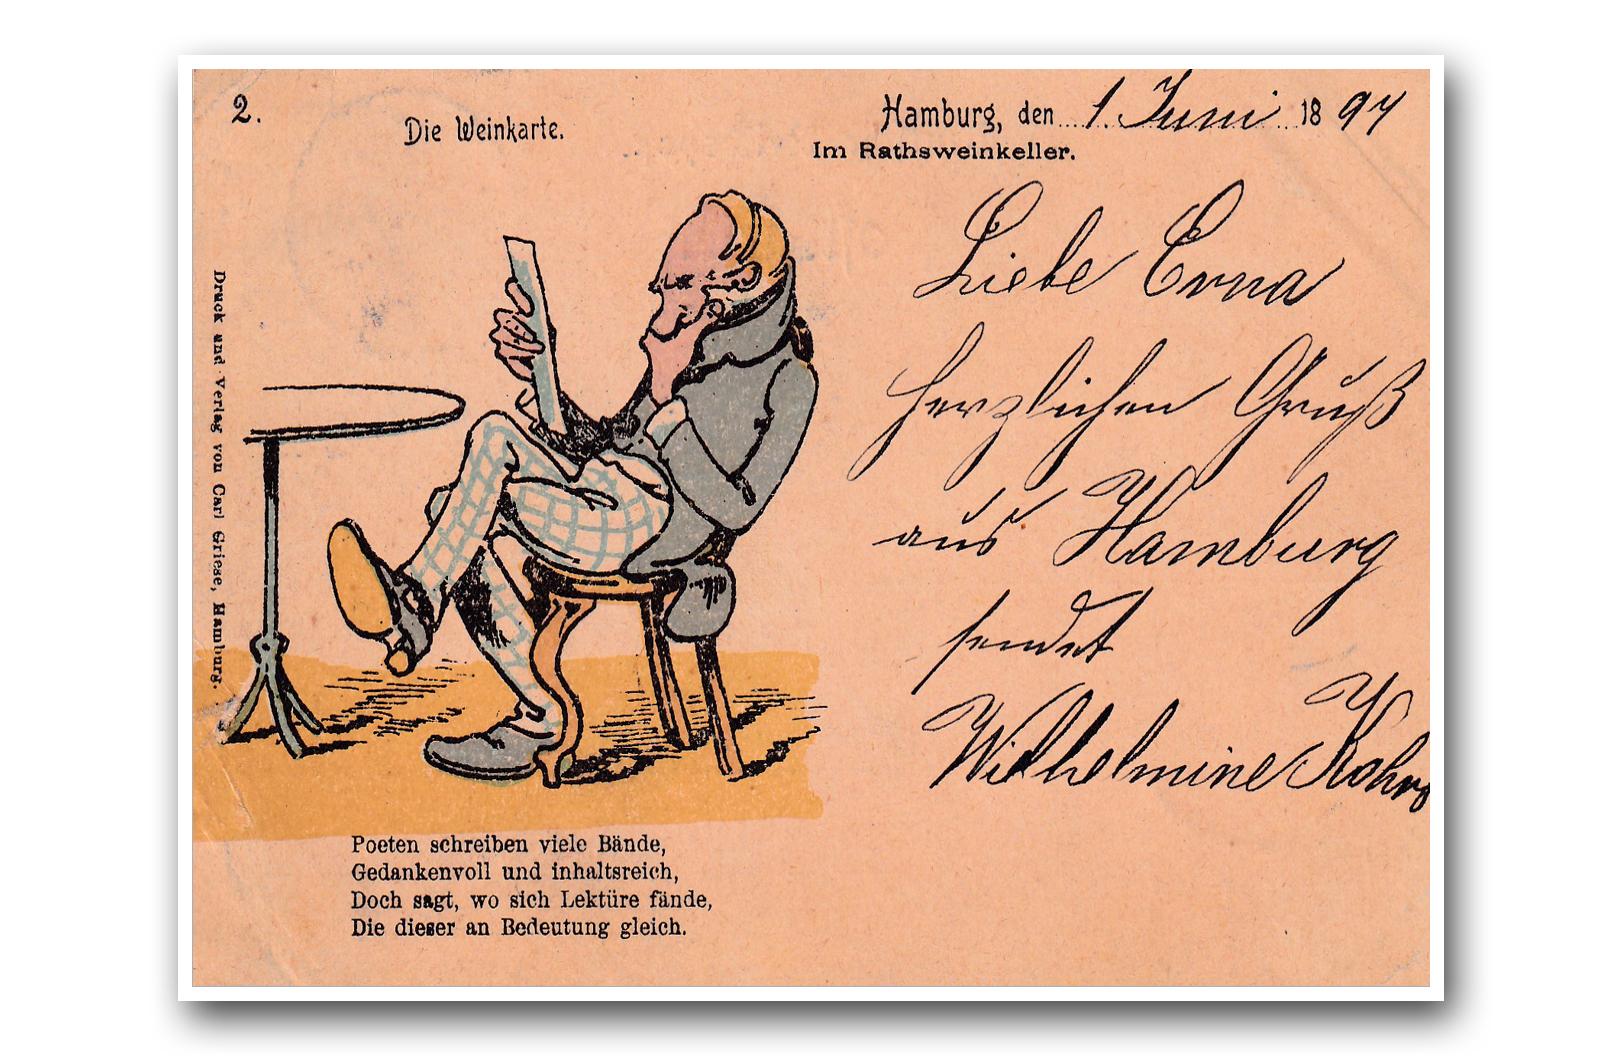 Die Weinkarte - 01.06.1897 - La carte des vins - The wine list